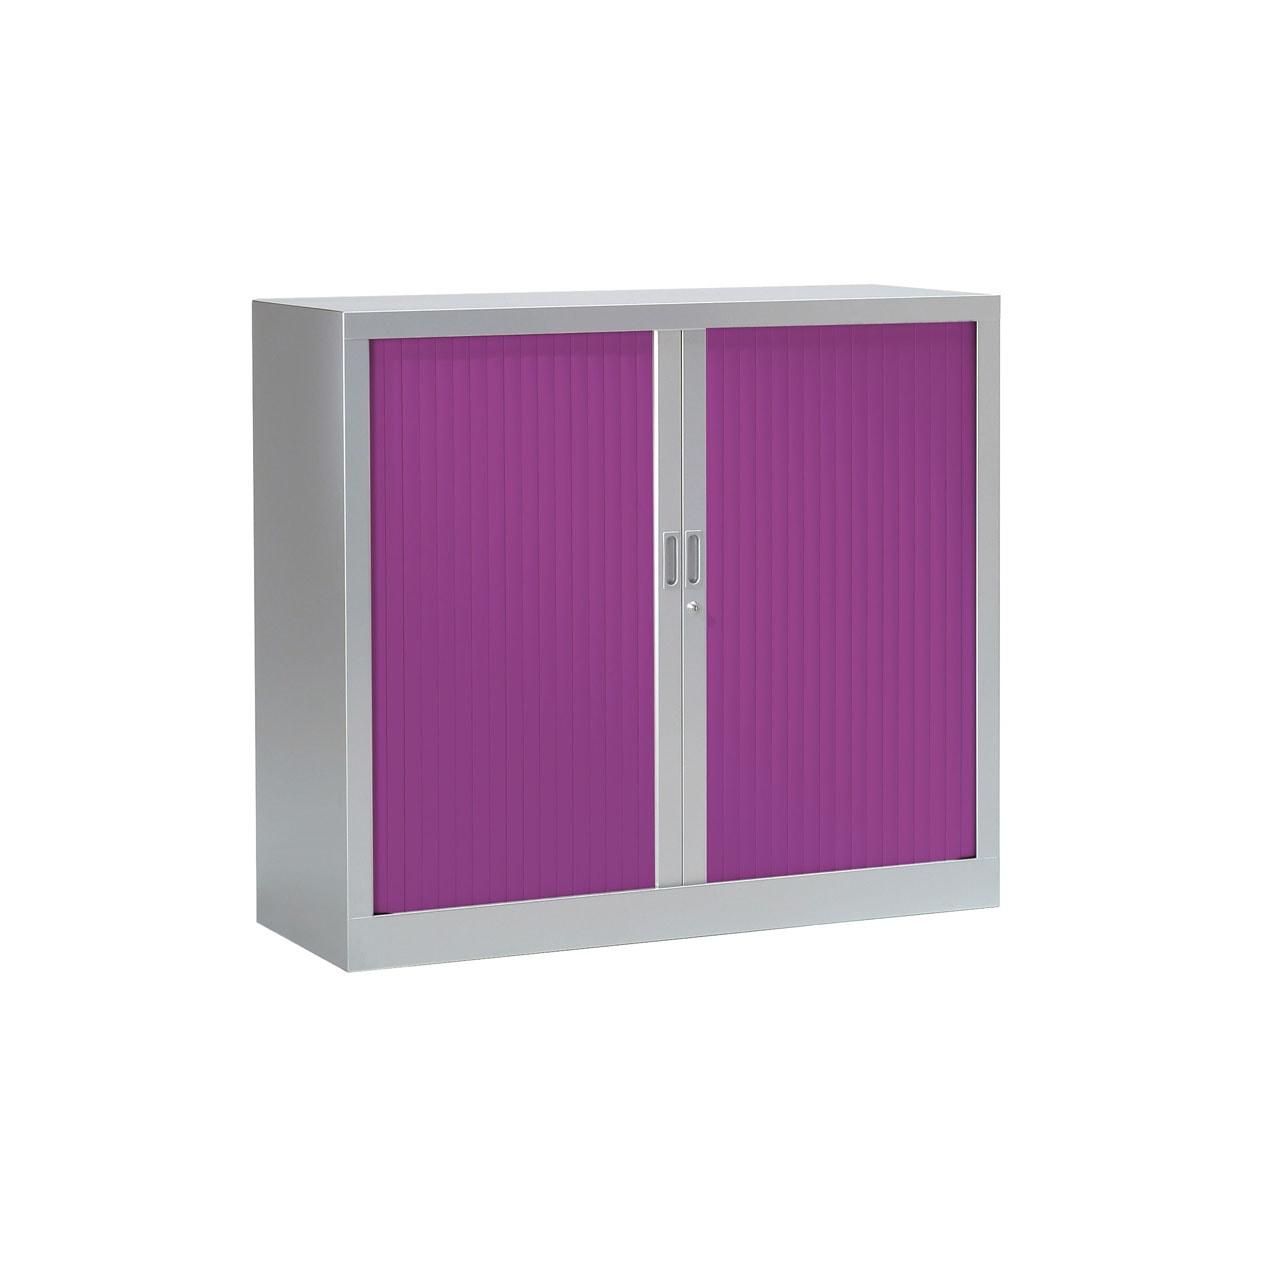 armoire basse de bureau 100x120 s rie a armoire plus. Black Bedroom Furniture Sets. Home Design Ideas